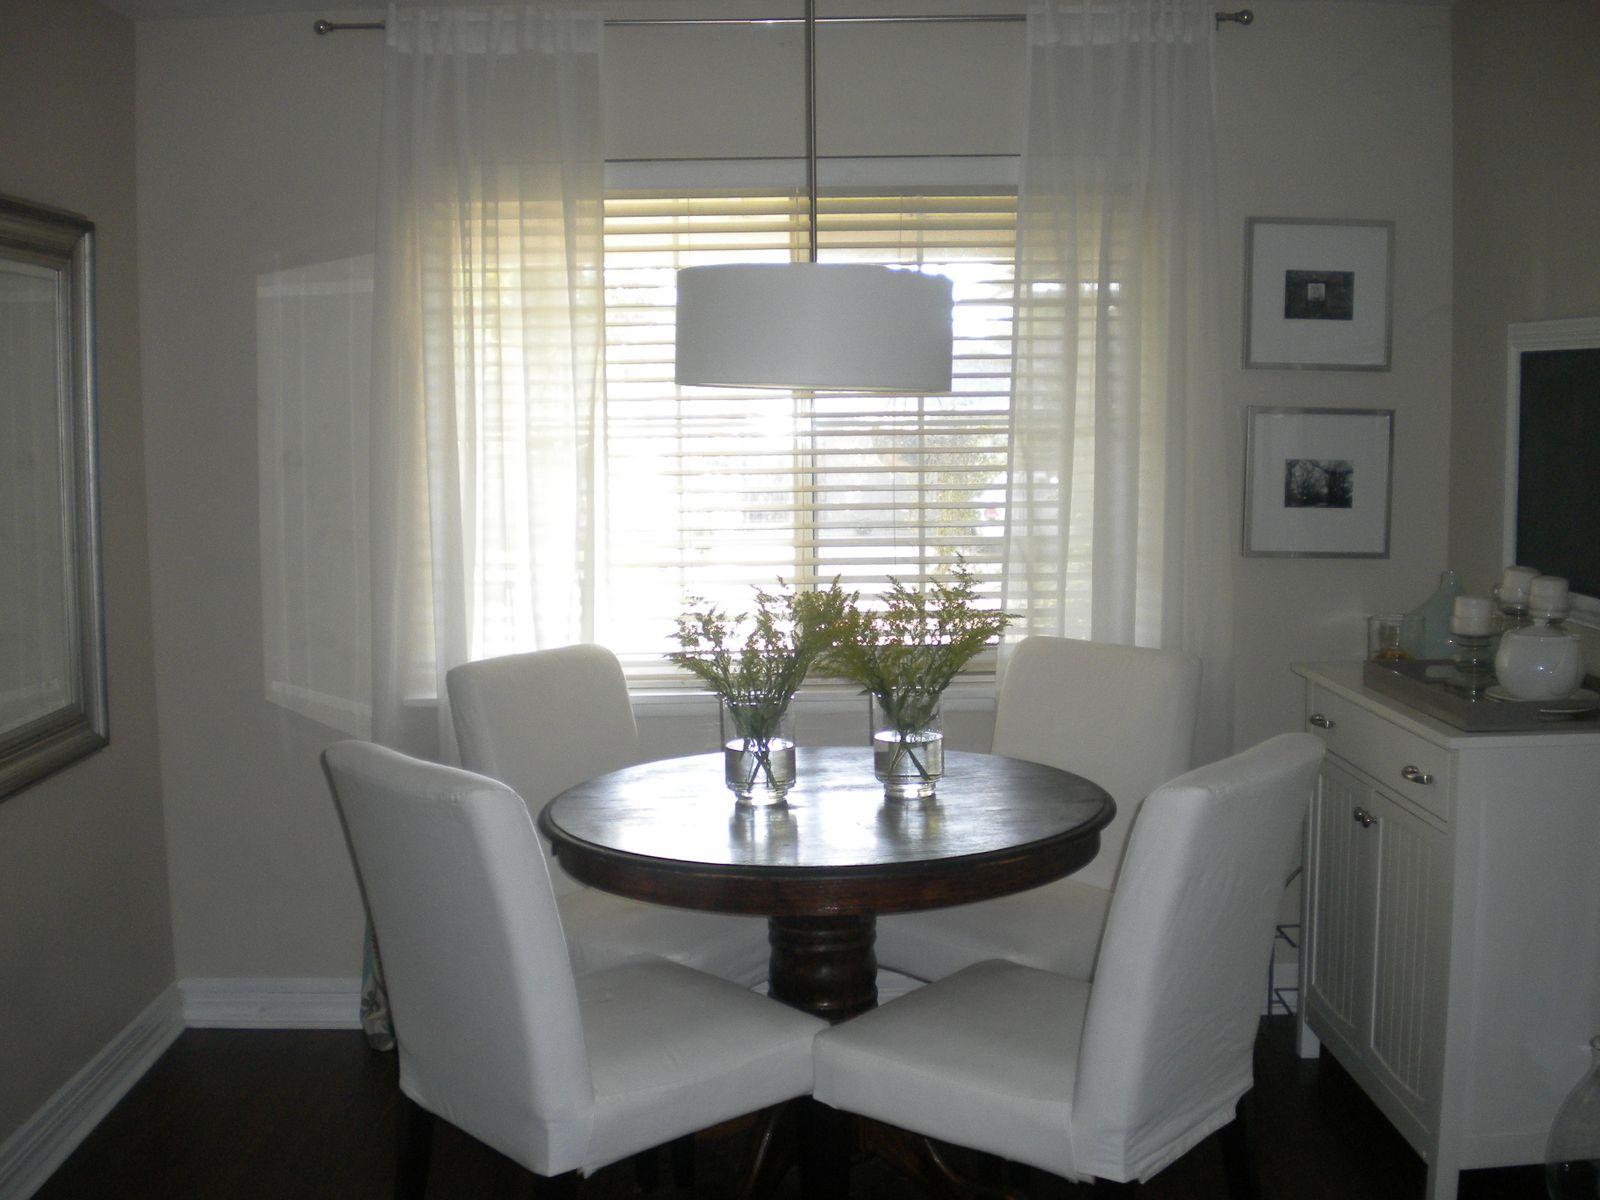 off center dining room light ~ ktvb